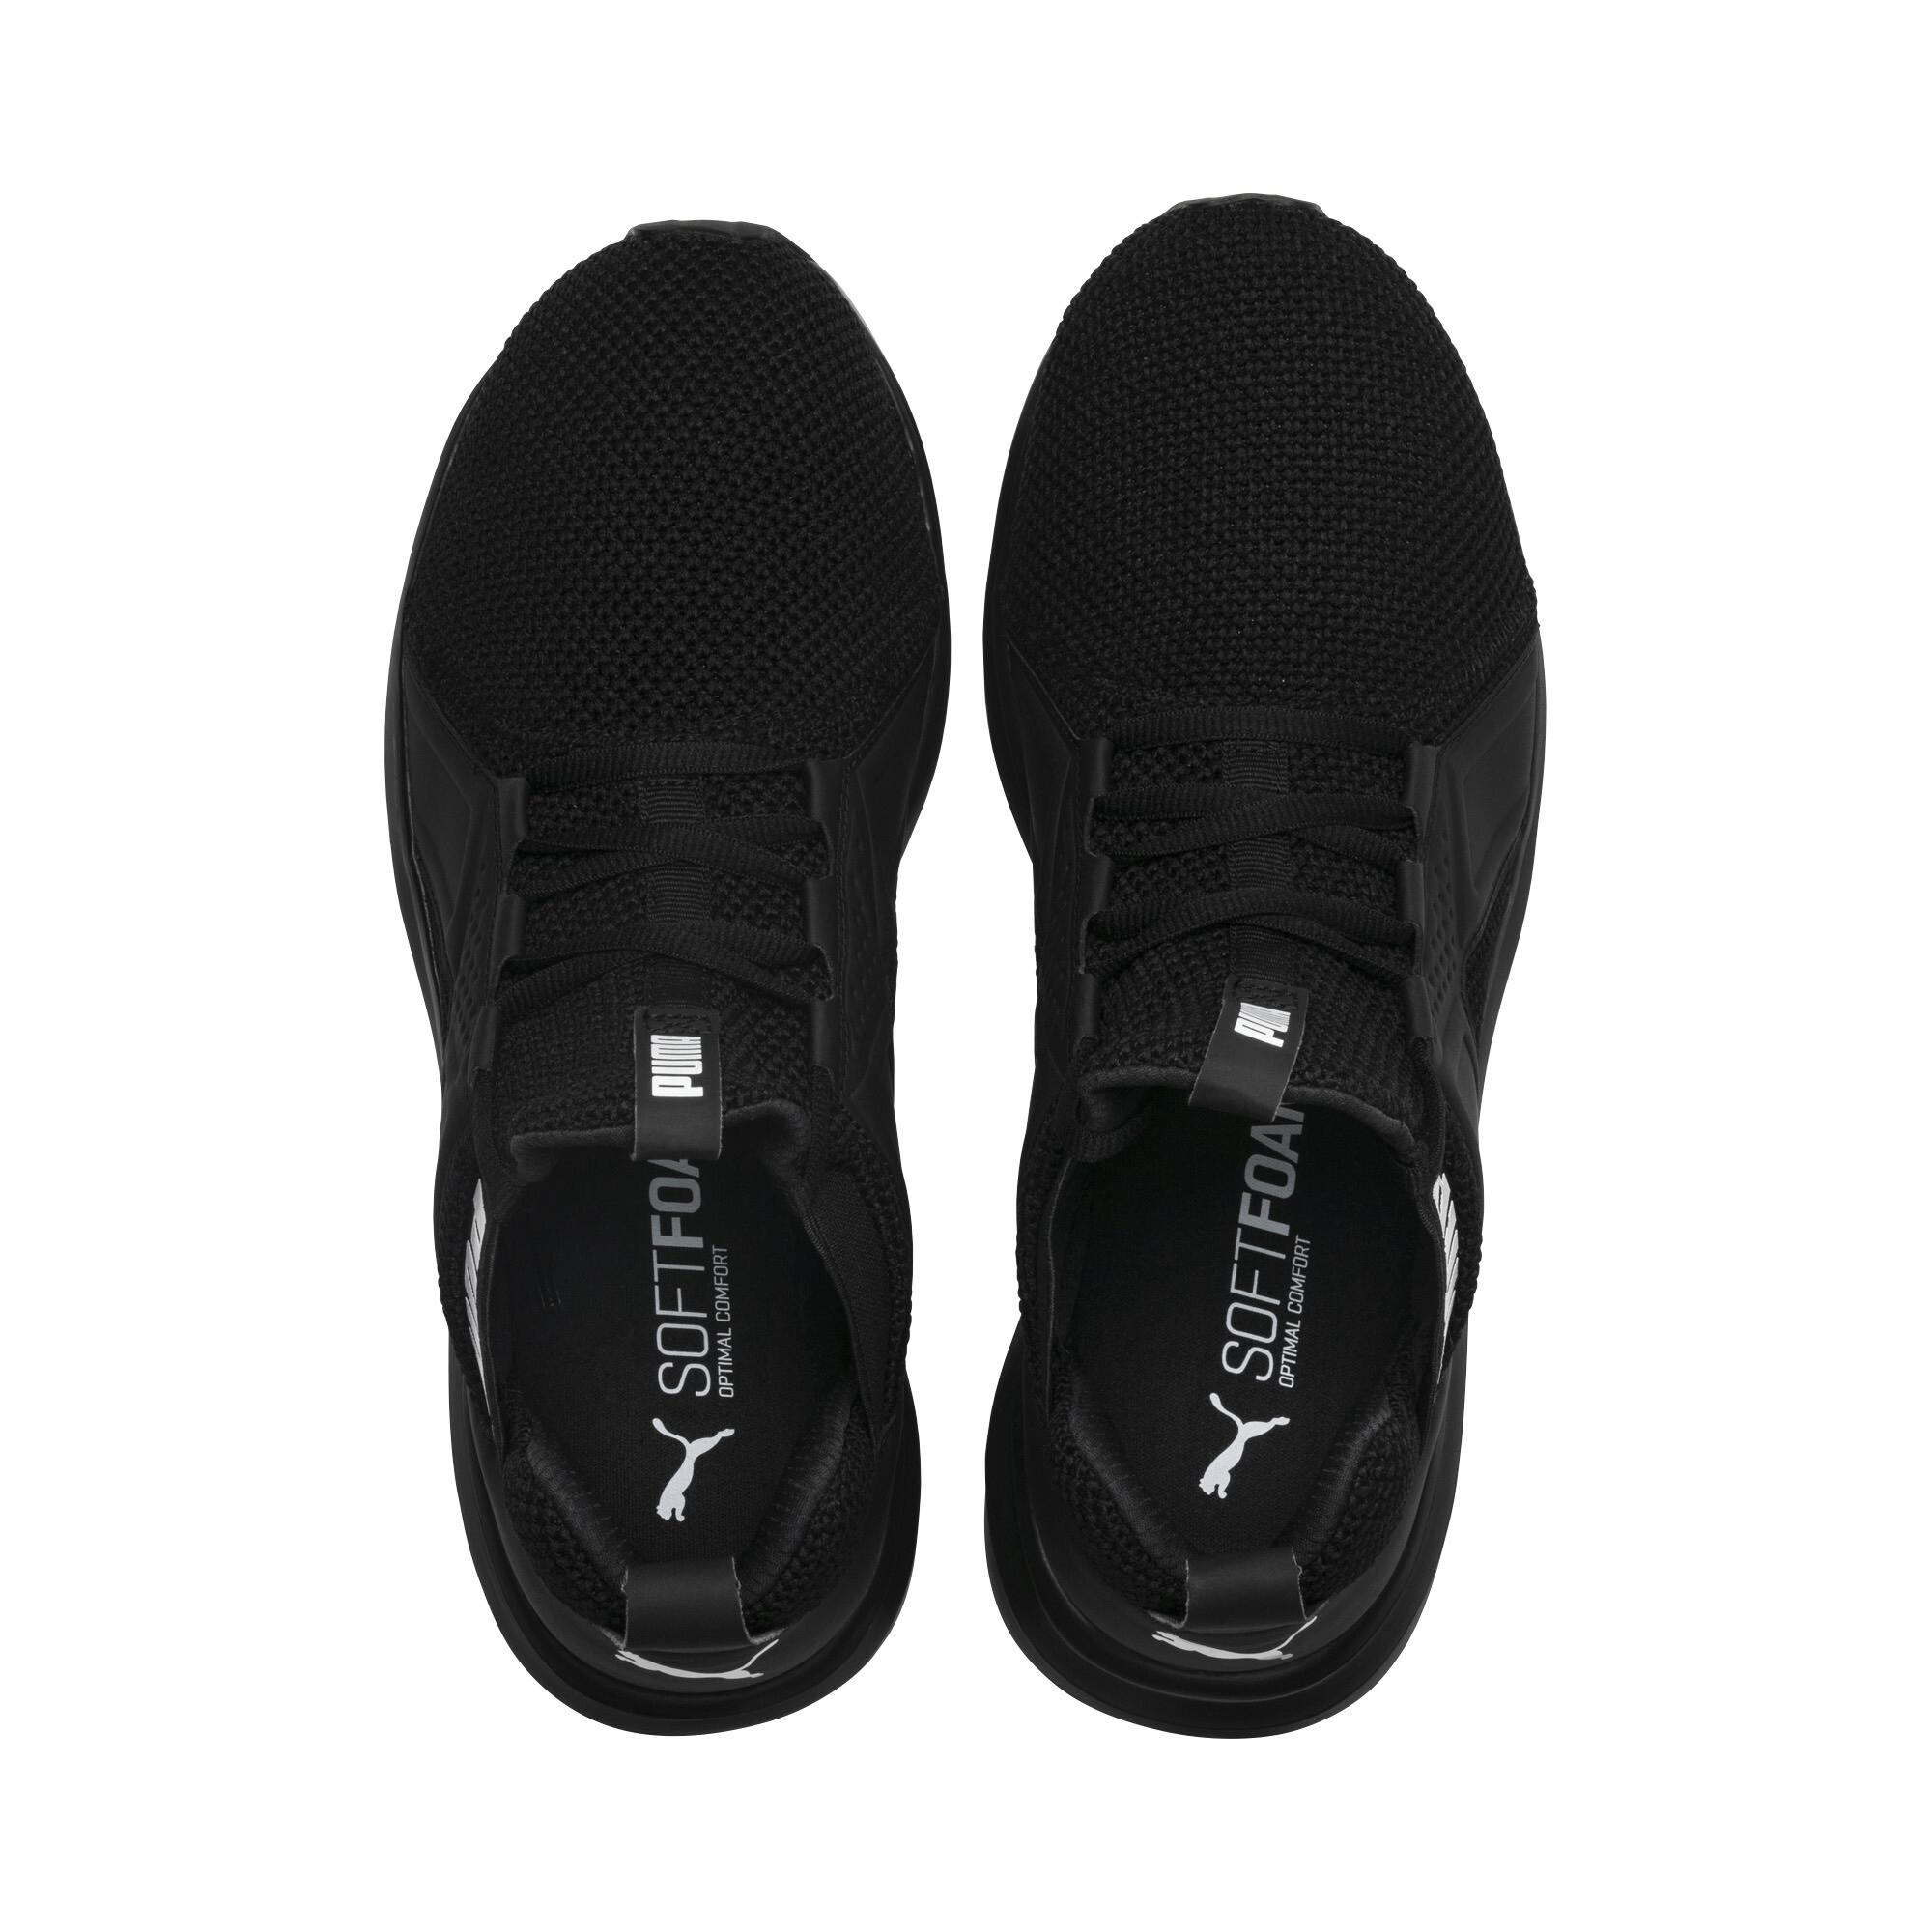 Indexbild 7 - PUMA Enzo Weave Herren Sneaker Unisex Schuhe Laufen Neu